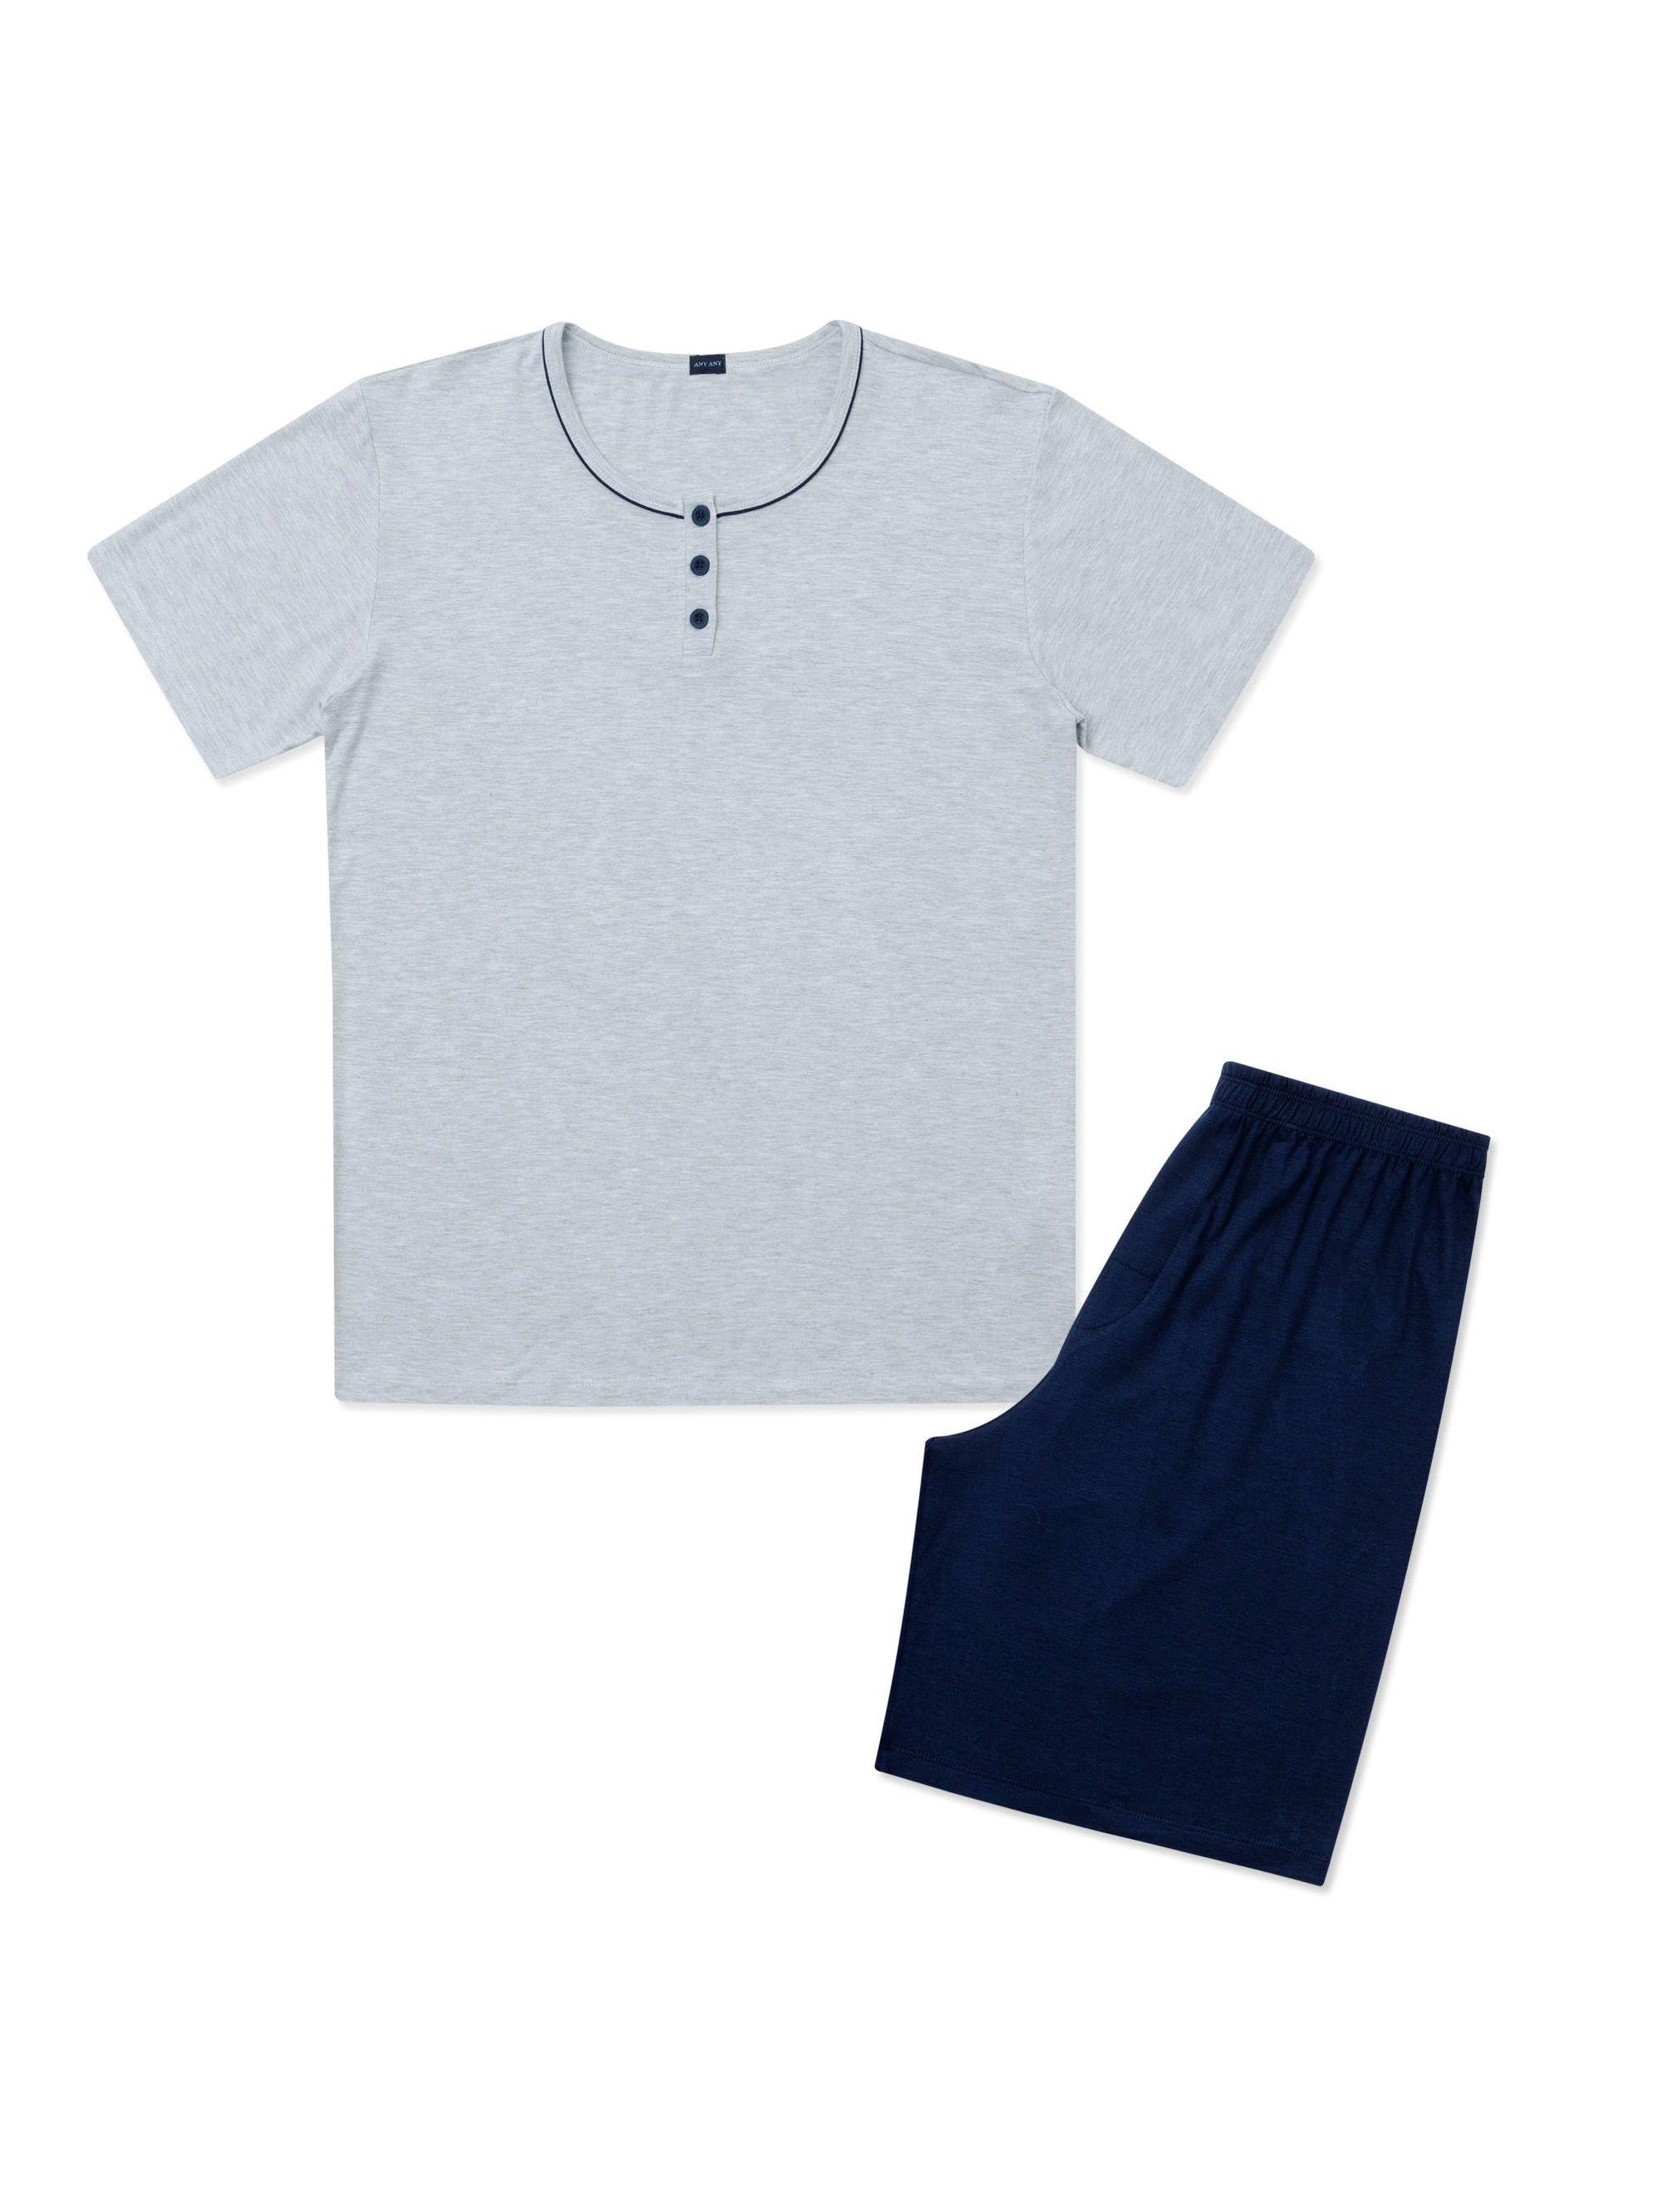 Pijama-Curto-Manga-Curta-Polo-Friso---04020747_